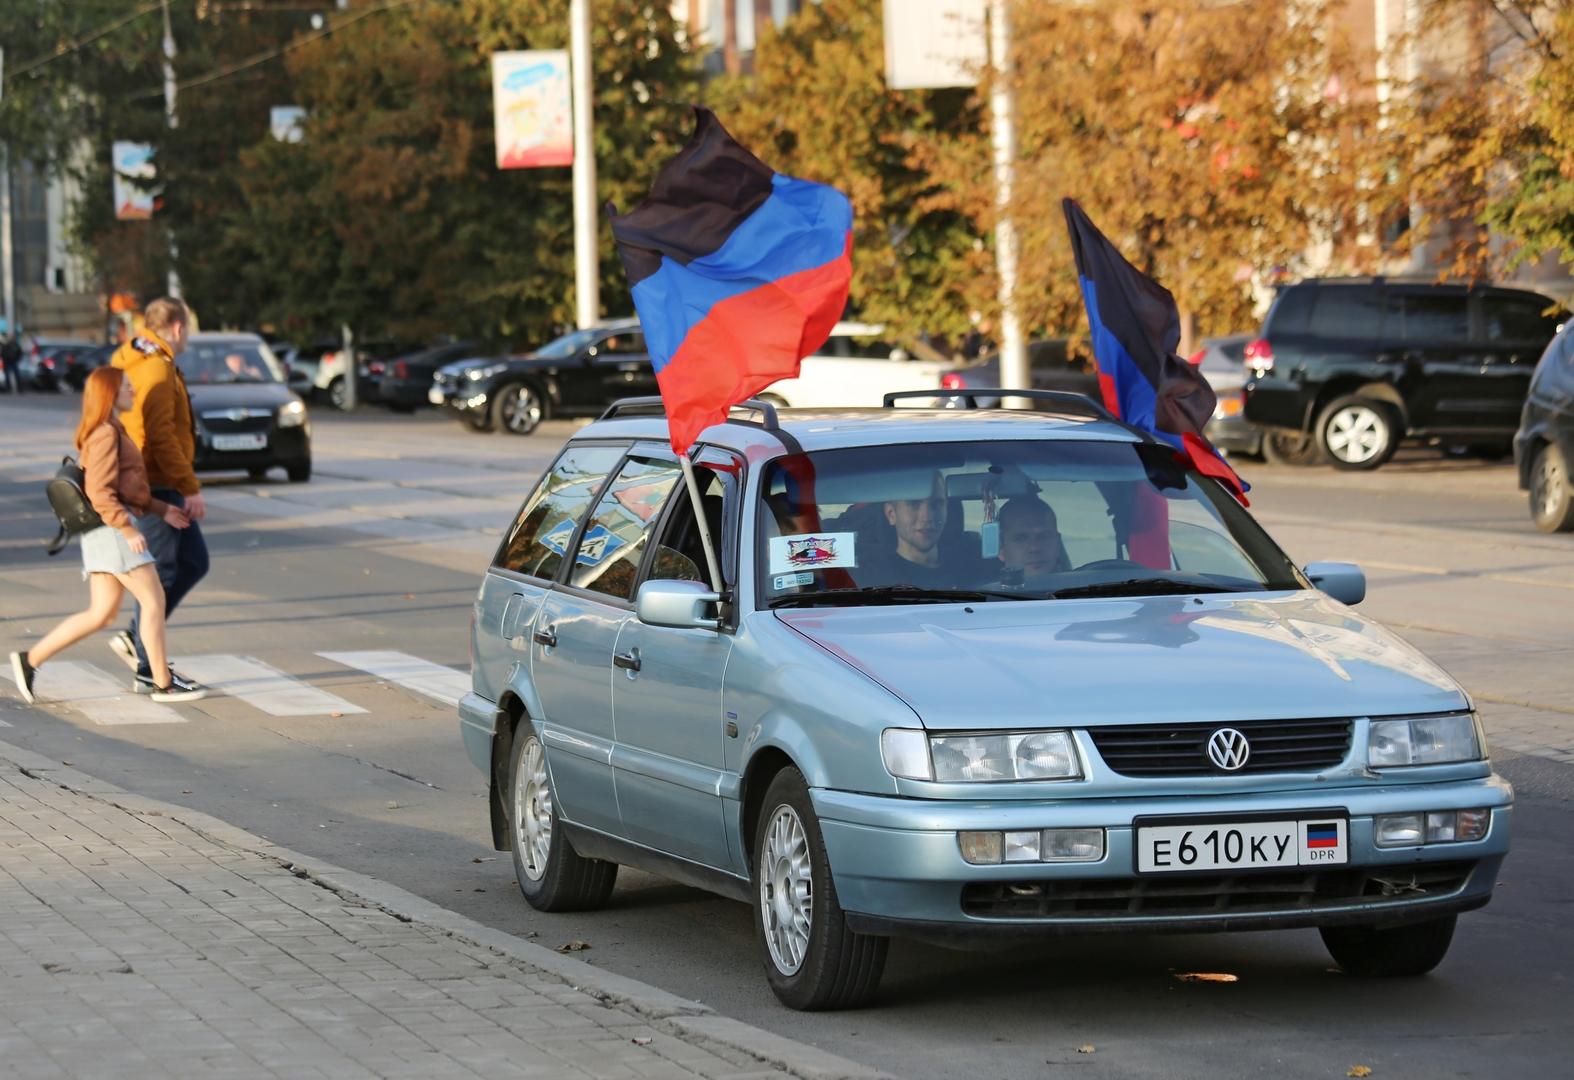 مدينة دونيتسك عاصمة جمهورية ديونيتسك الشعبية غير المعترف بها جنوب شرقي أوكرانيا